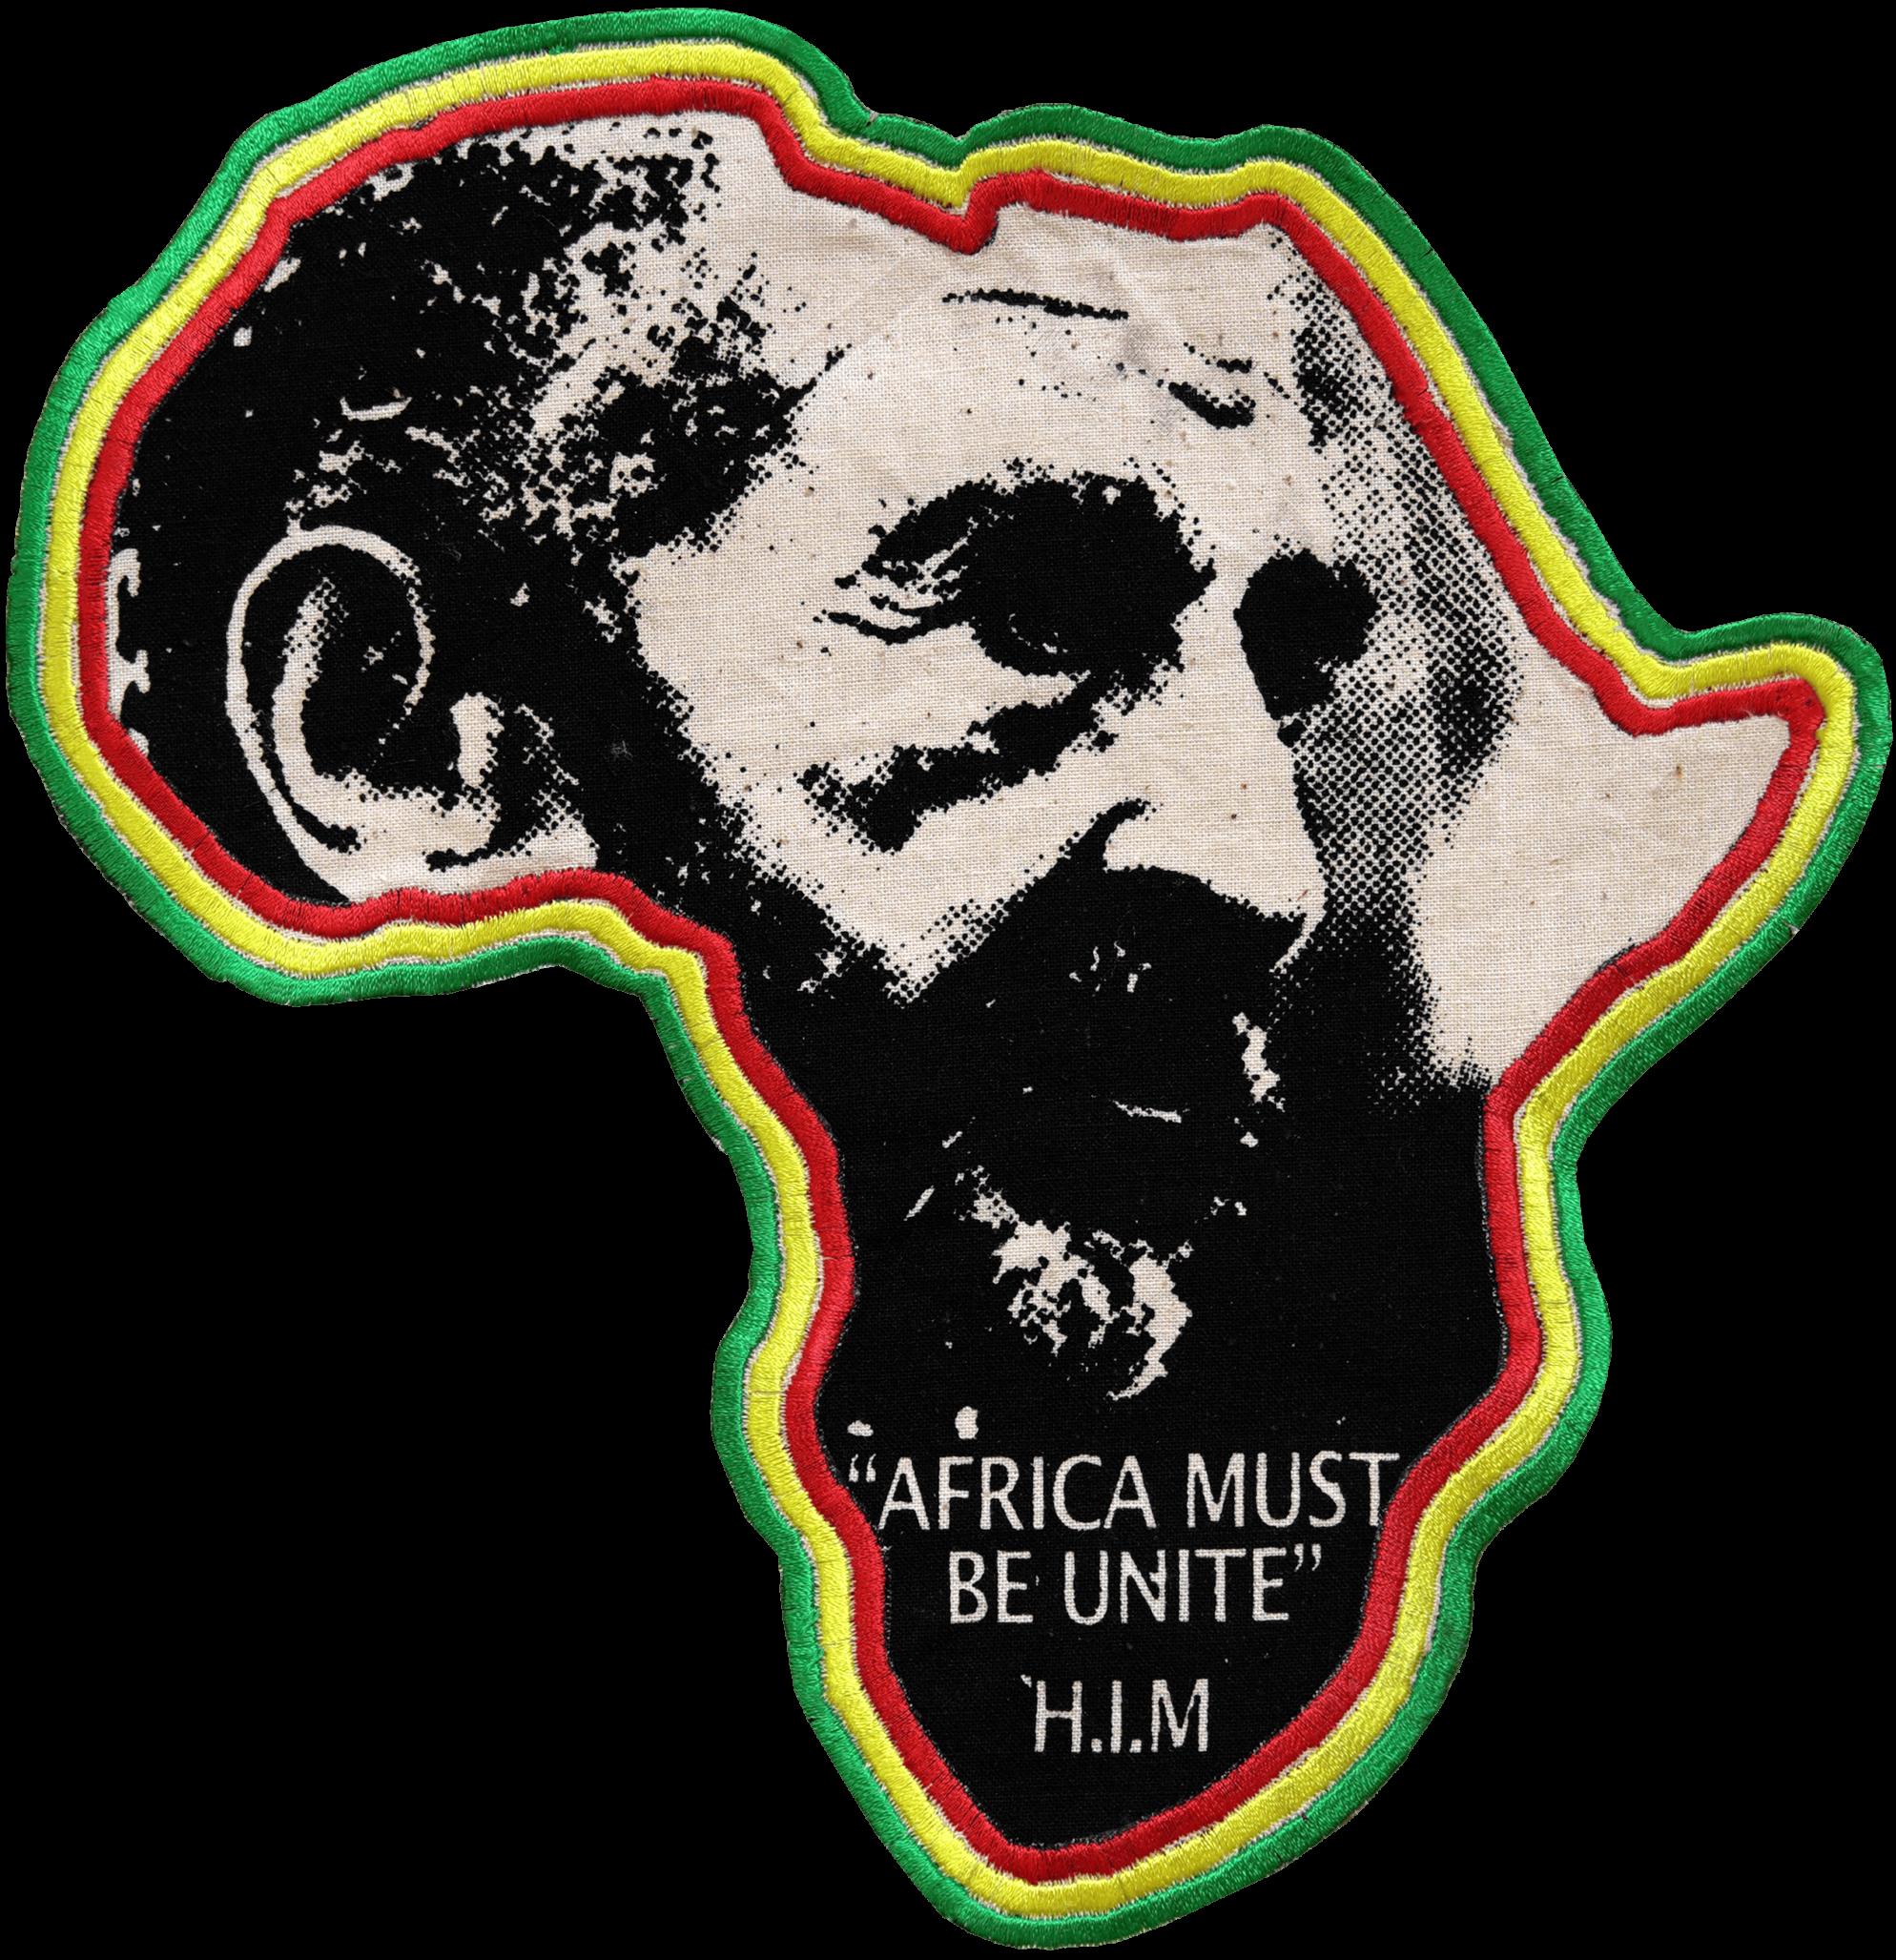 Ecusson Africa Must Be Unite